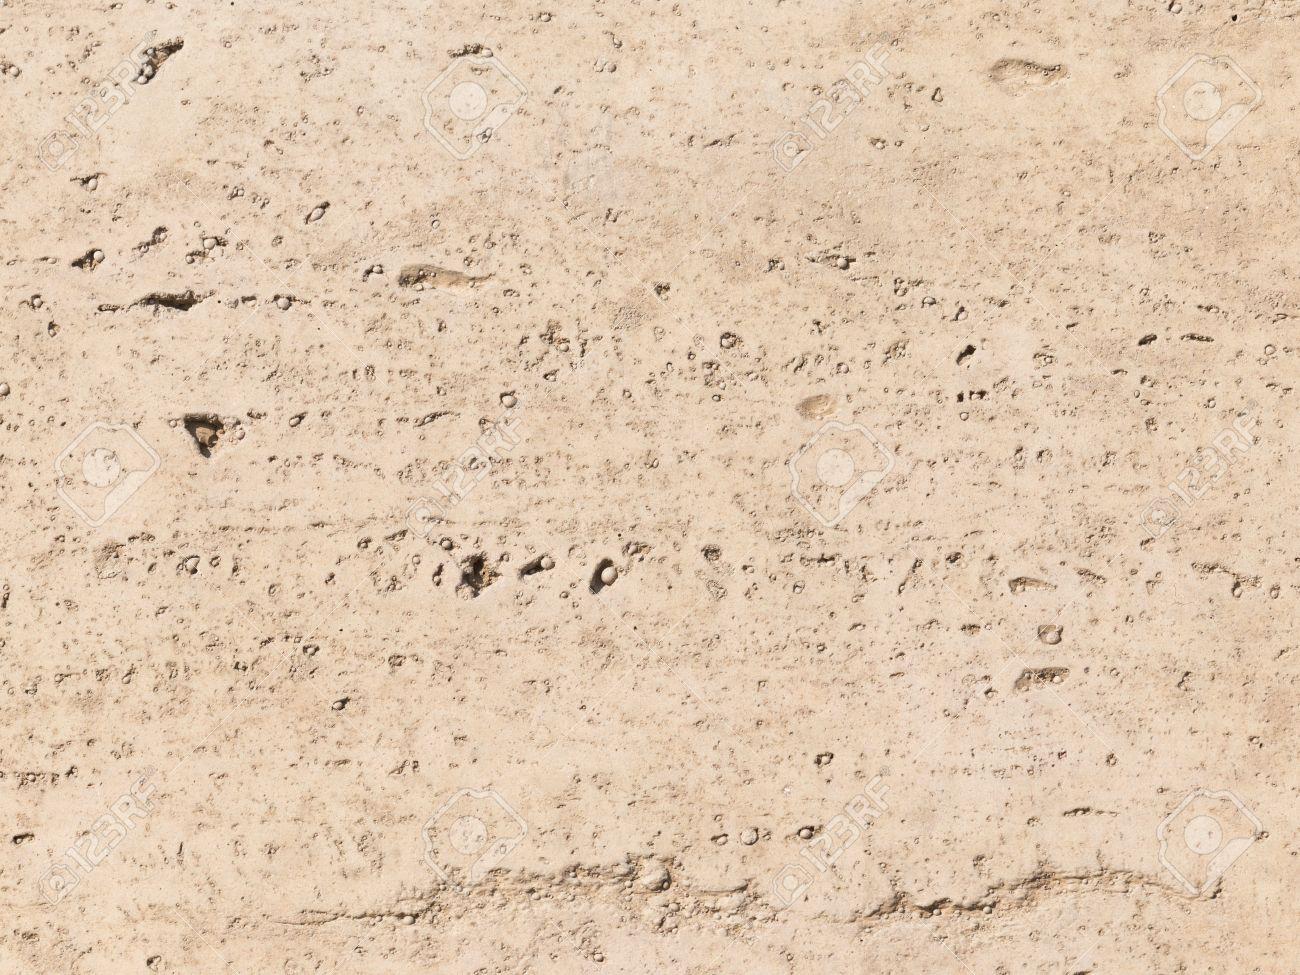 awesome fabulous hermosa textura de la pared decorativos de piedra artificial de color beige con y cavidades with piedra artificial decorativa with piedra - Piedra Artificial Decorativa